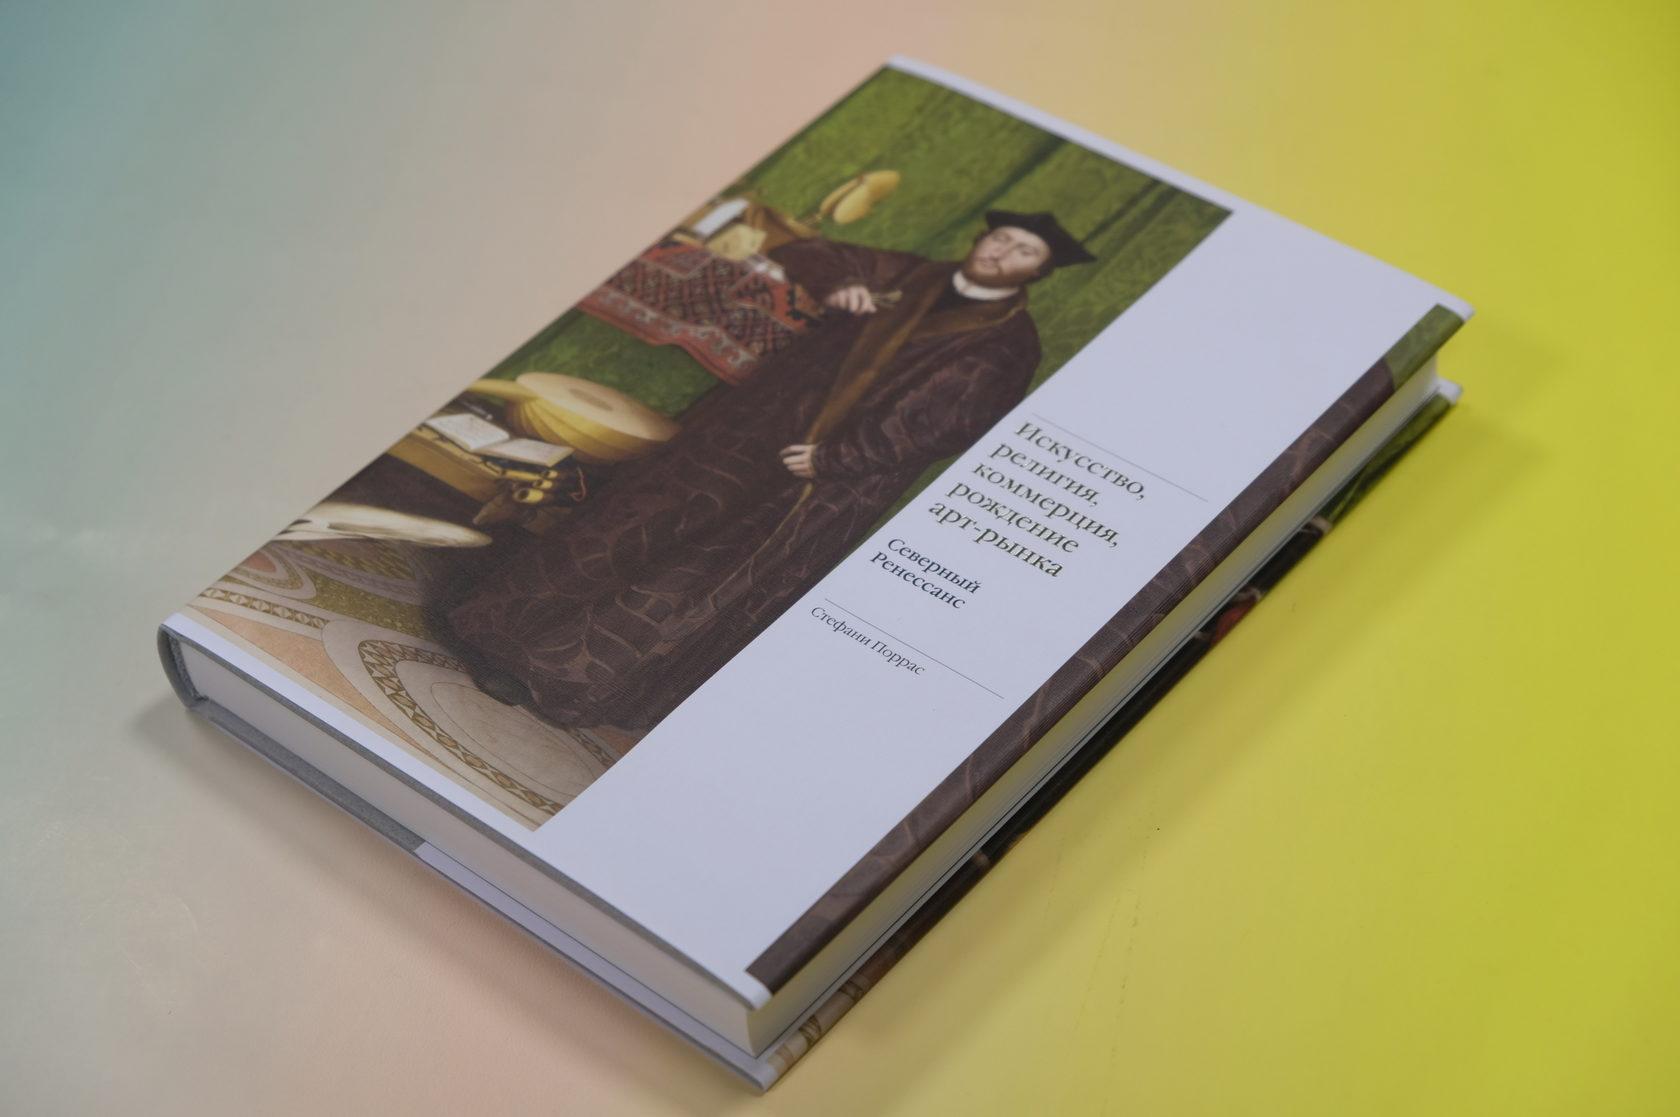 Стефани Поррас «Искусство, религия, коммерция, рождение арт-рынка. Северный Ренессанс» 978-5-387-01570-0